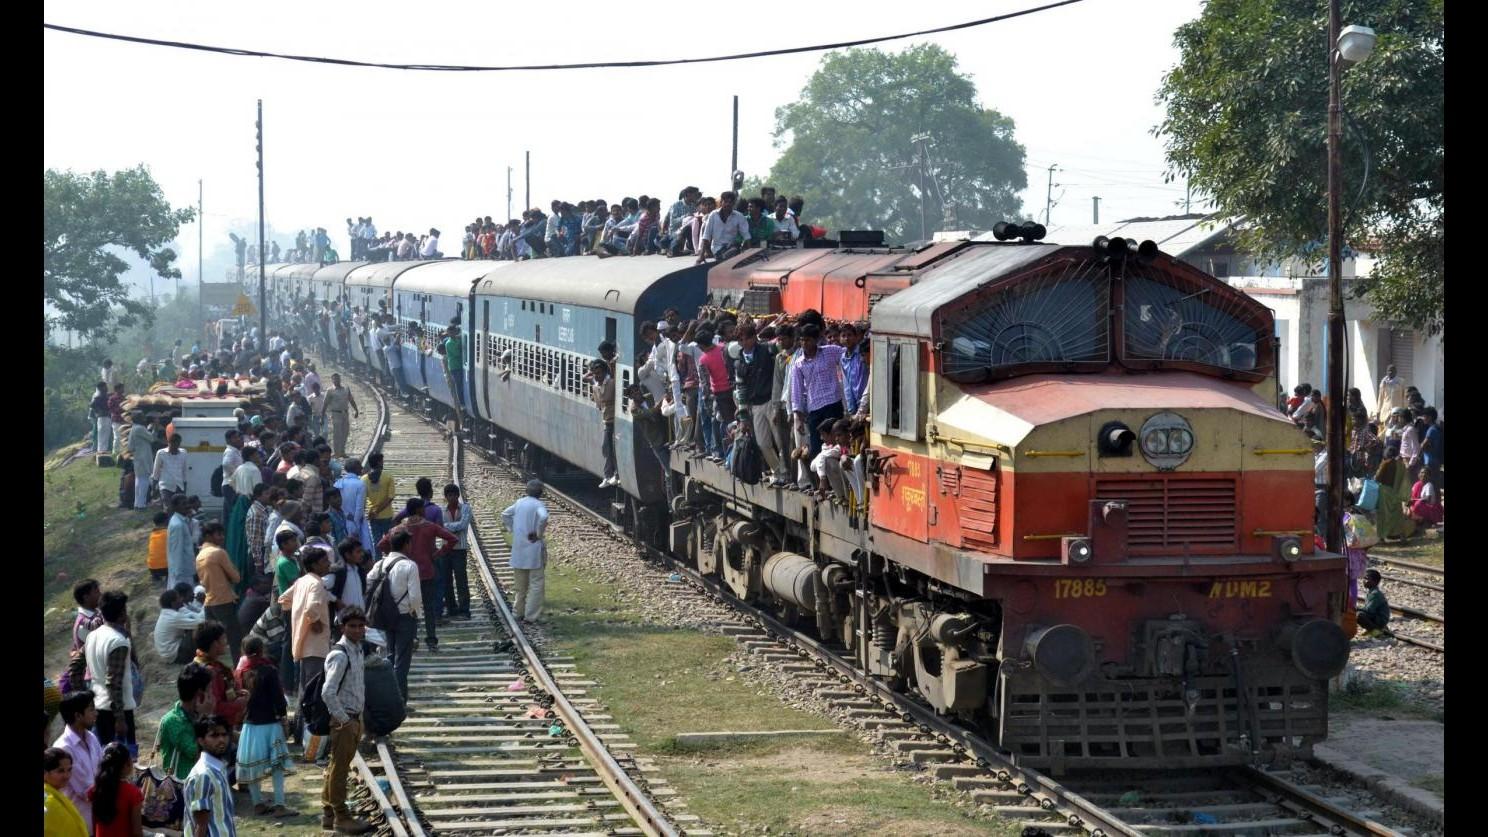 India, deraglia treno in Uttar Pradesh: almeno 30 morti, 150 feriti